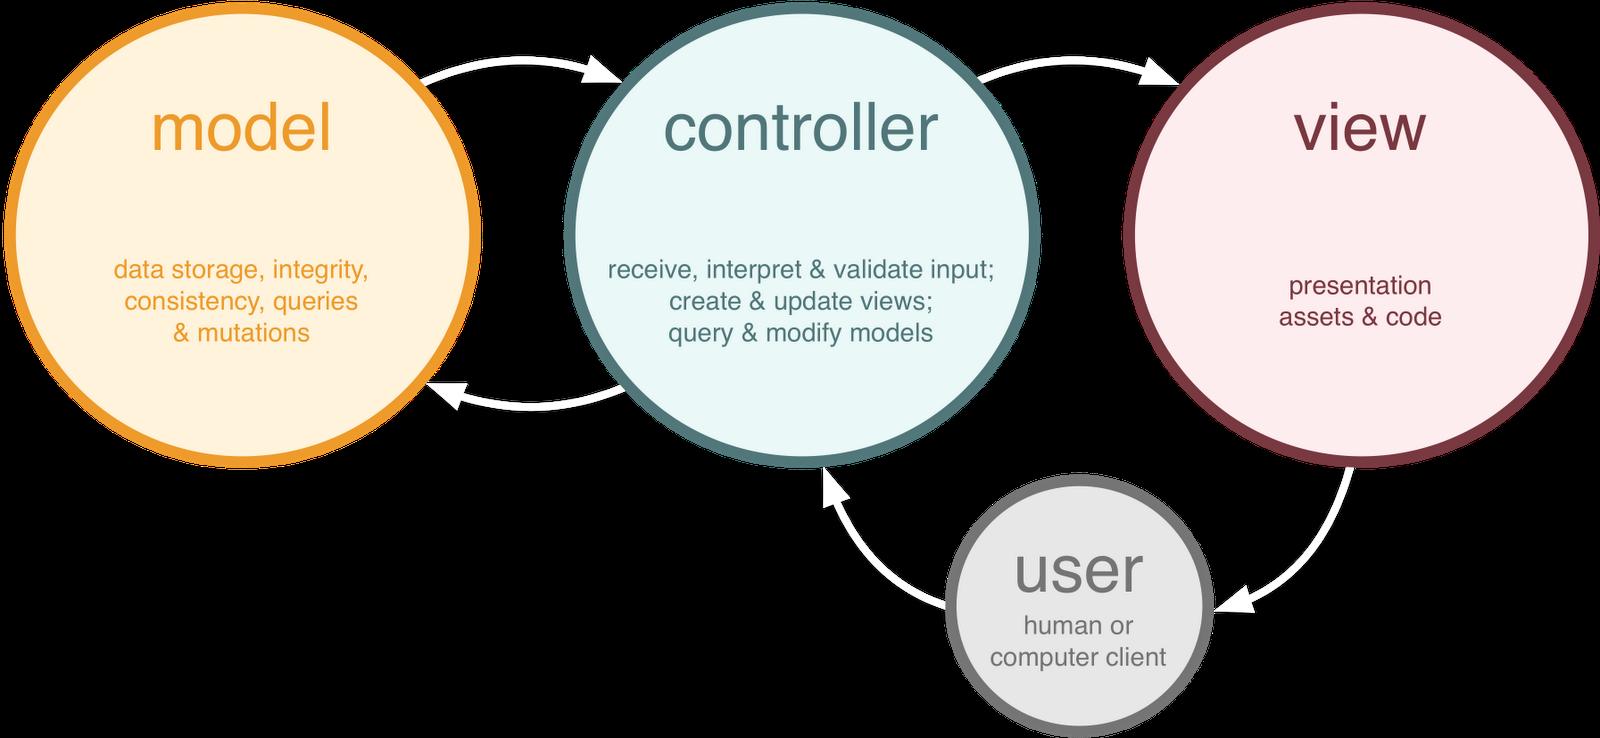 Tạo-ứng-dụng-theo-mô-hình-MVC-với-JavaJspServlet